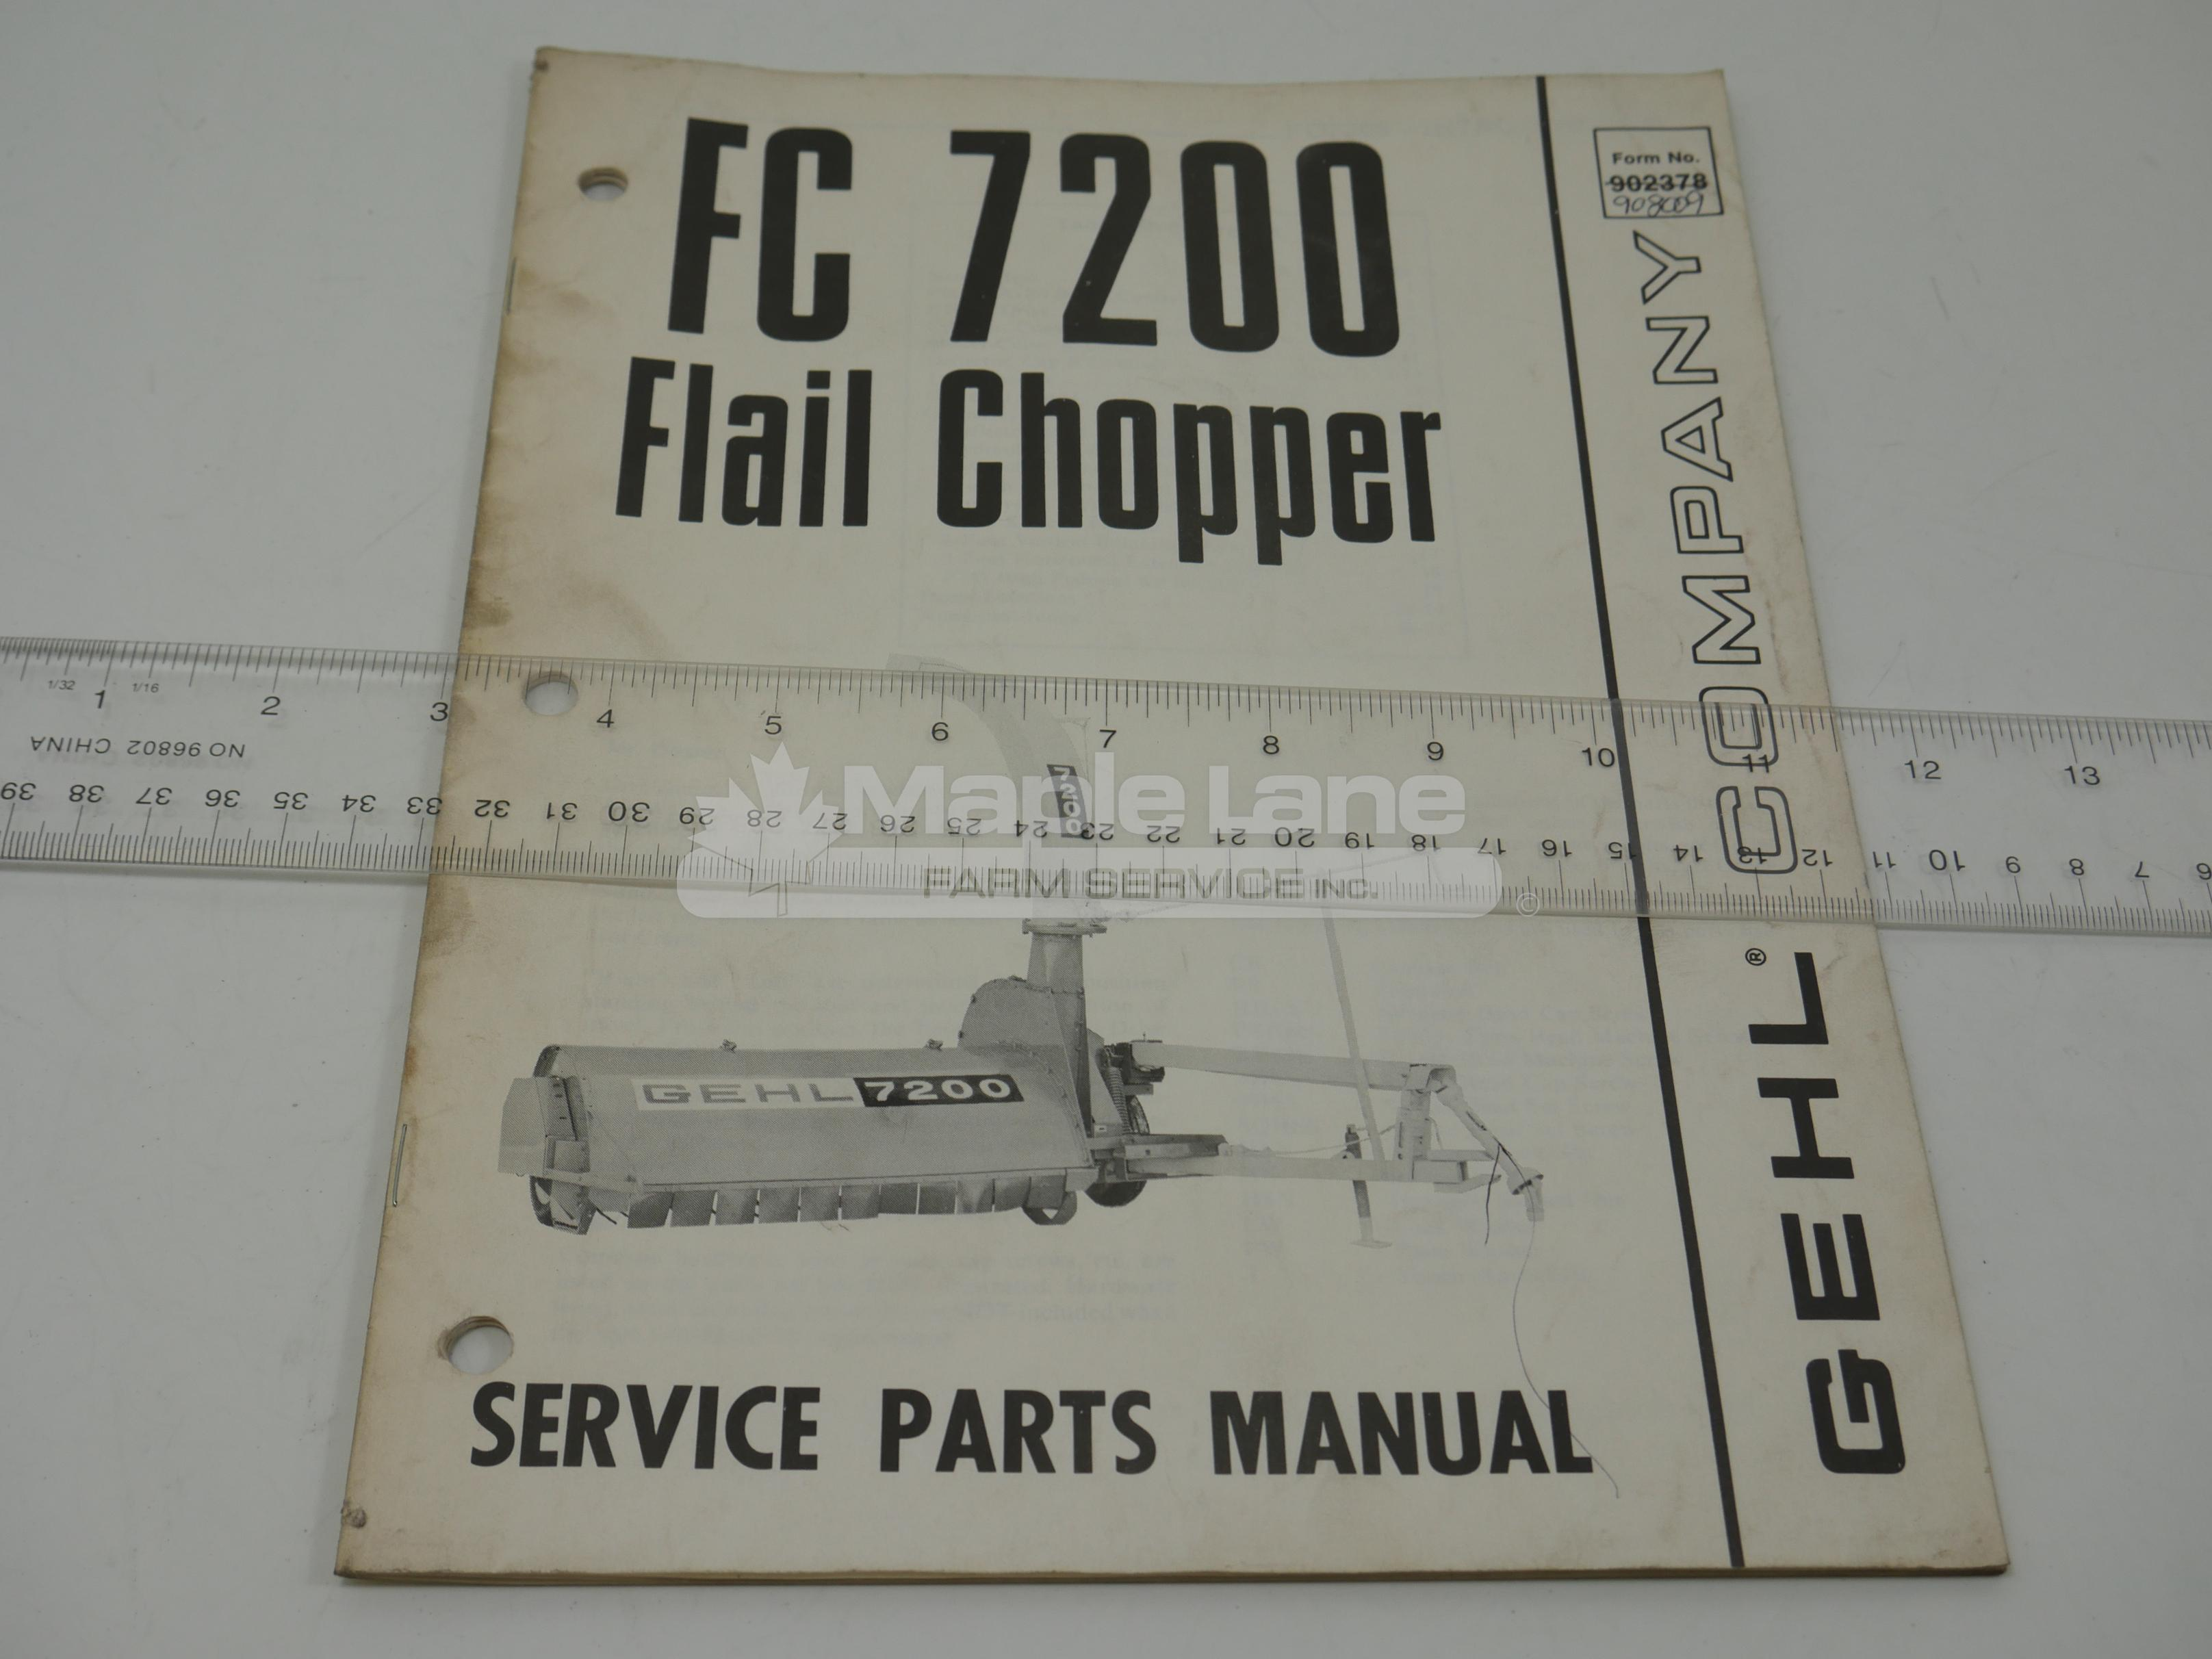 908009 FC7200 Parts Manual